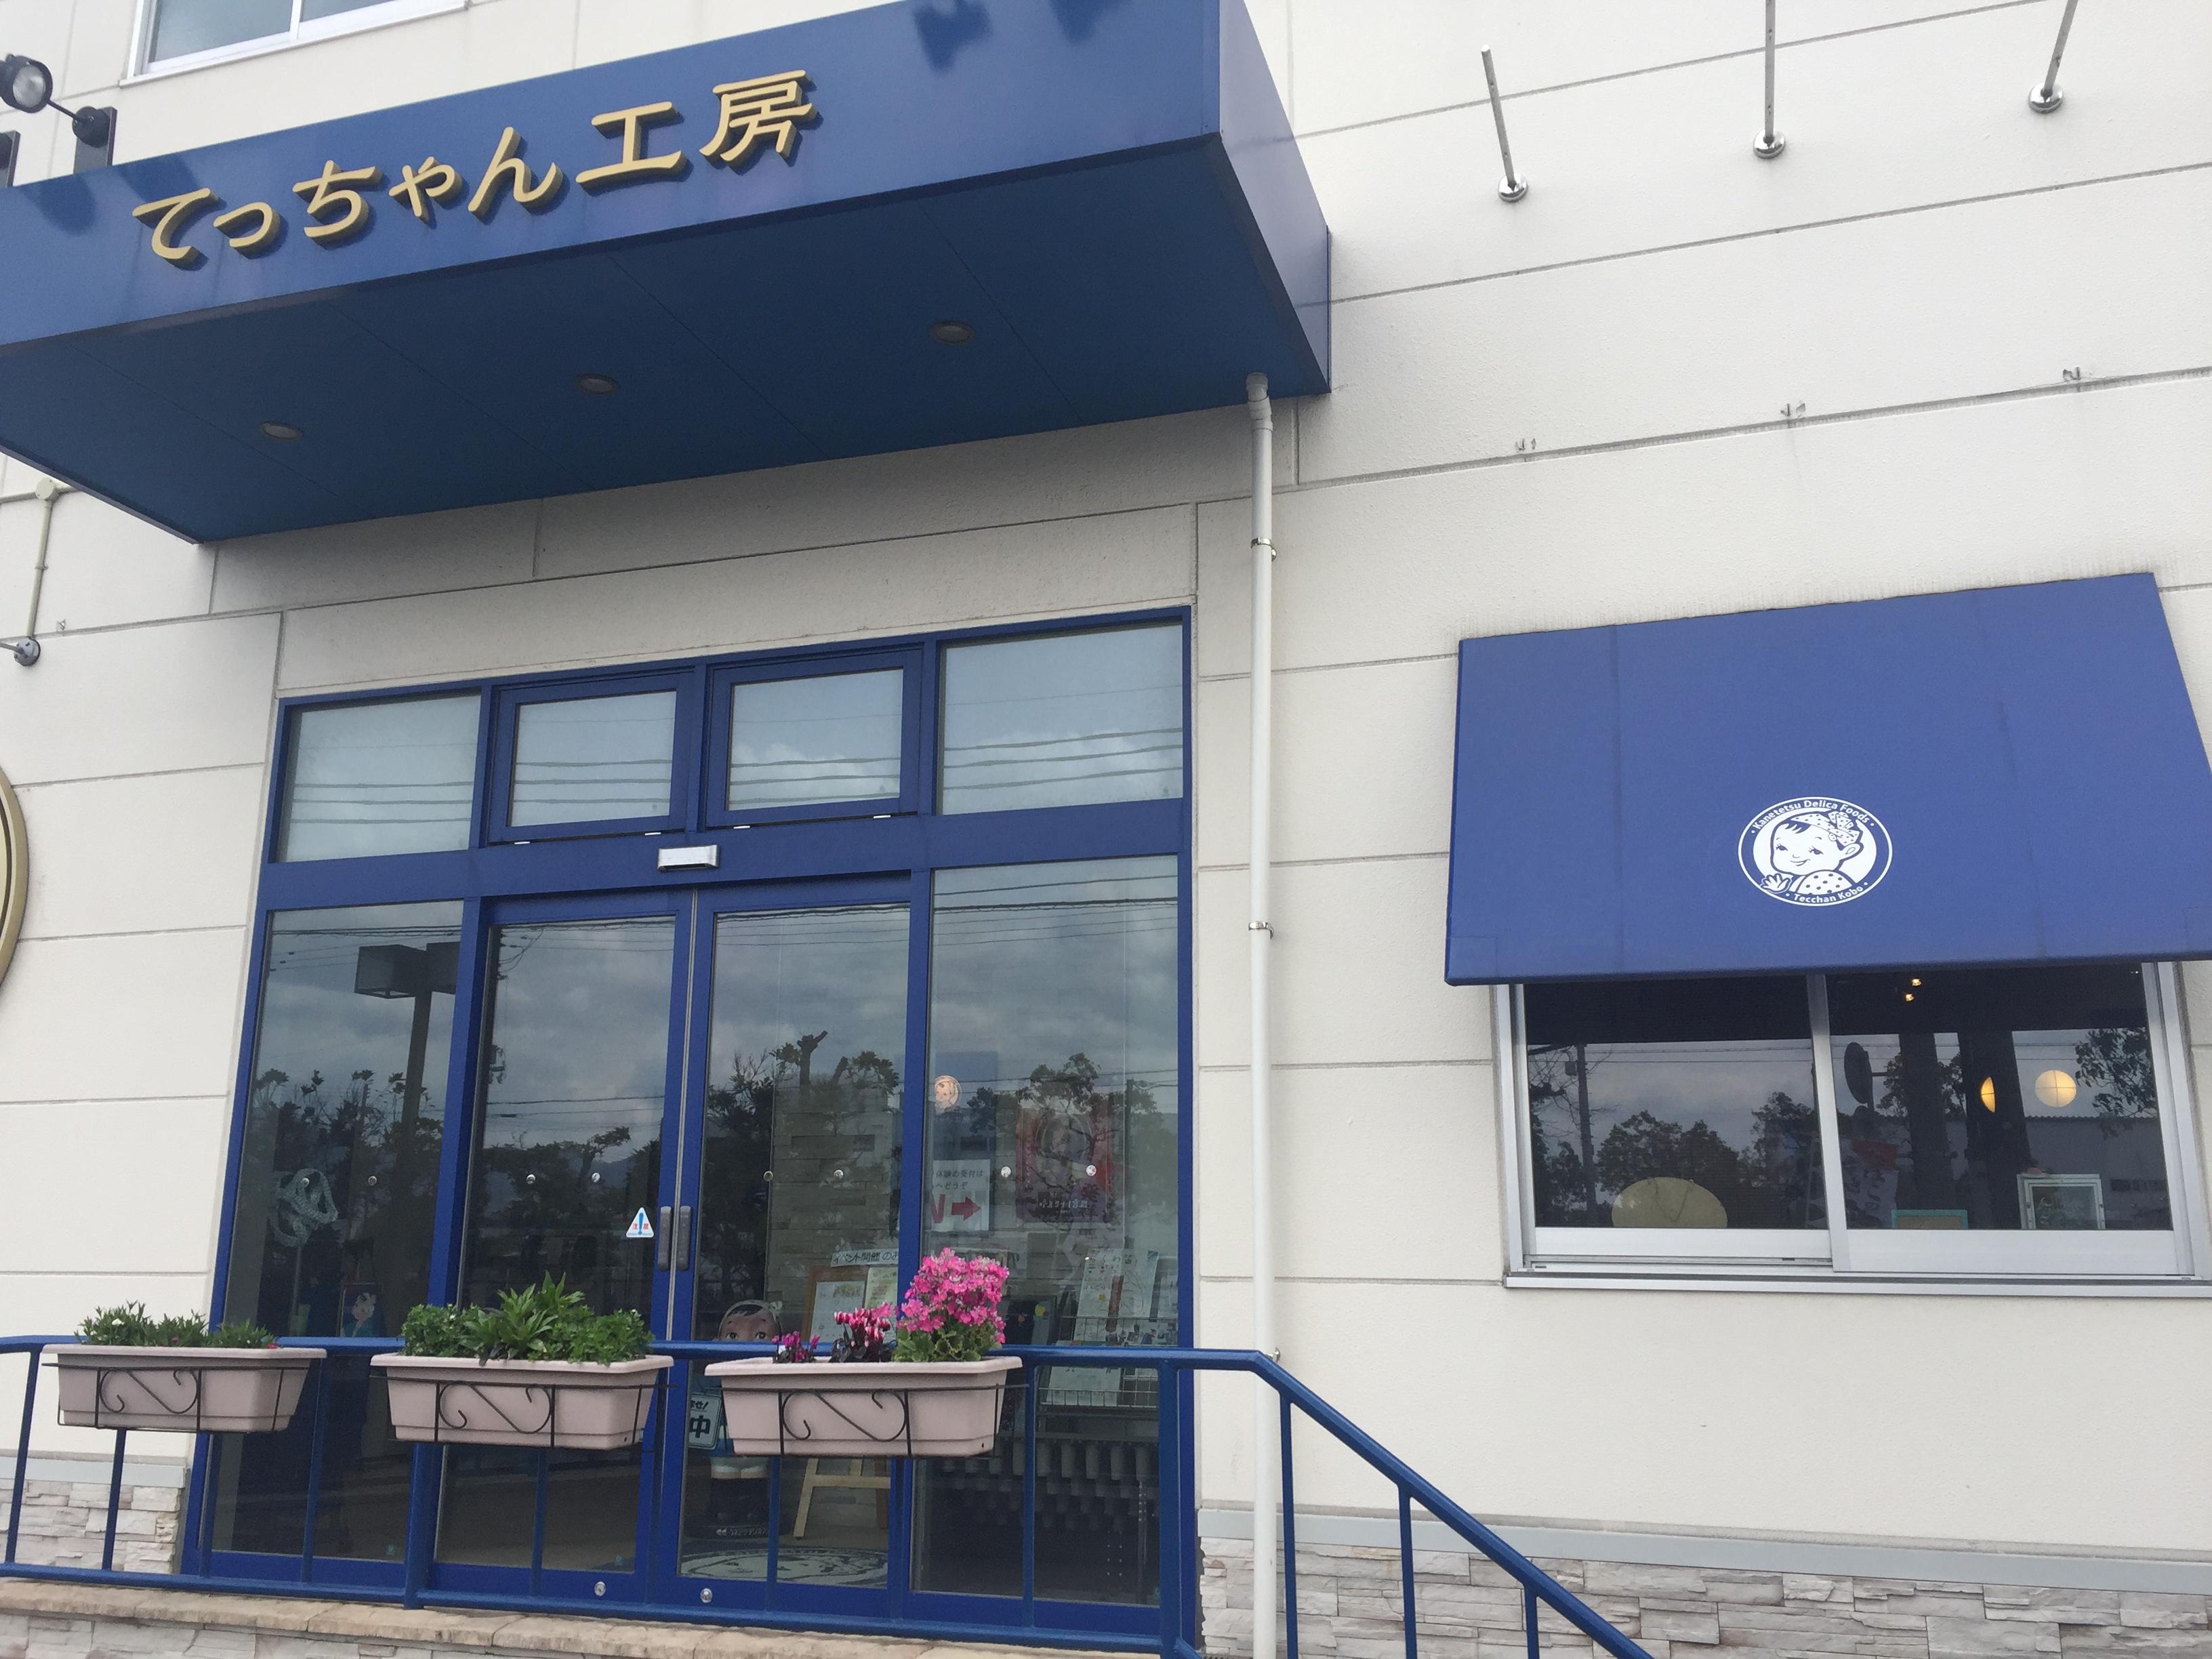 神戸・六甲アイランドのカネテツ「てっちゃん工房」を散策したよ【大人の社会見学】